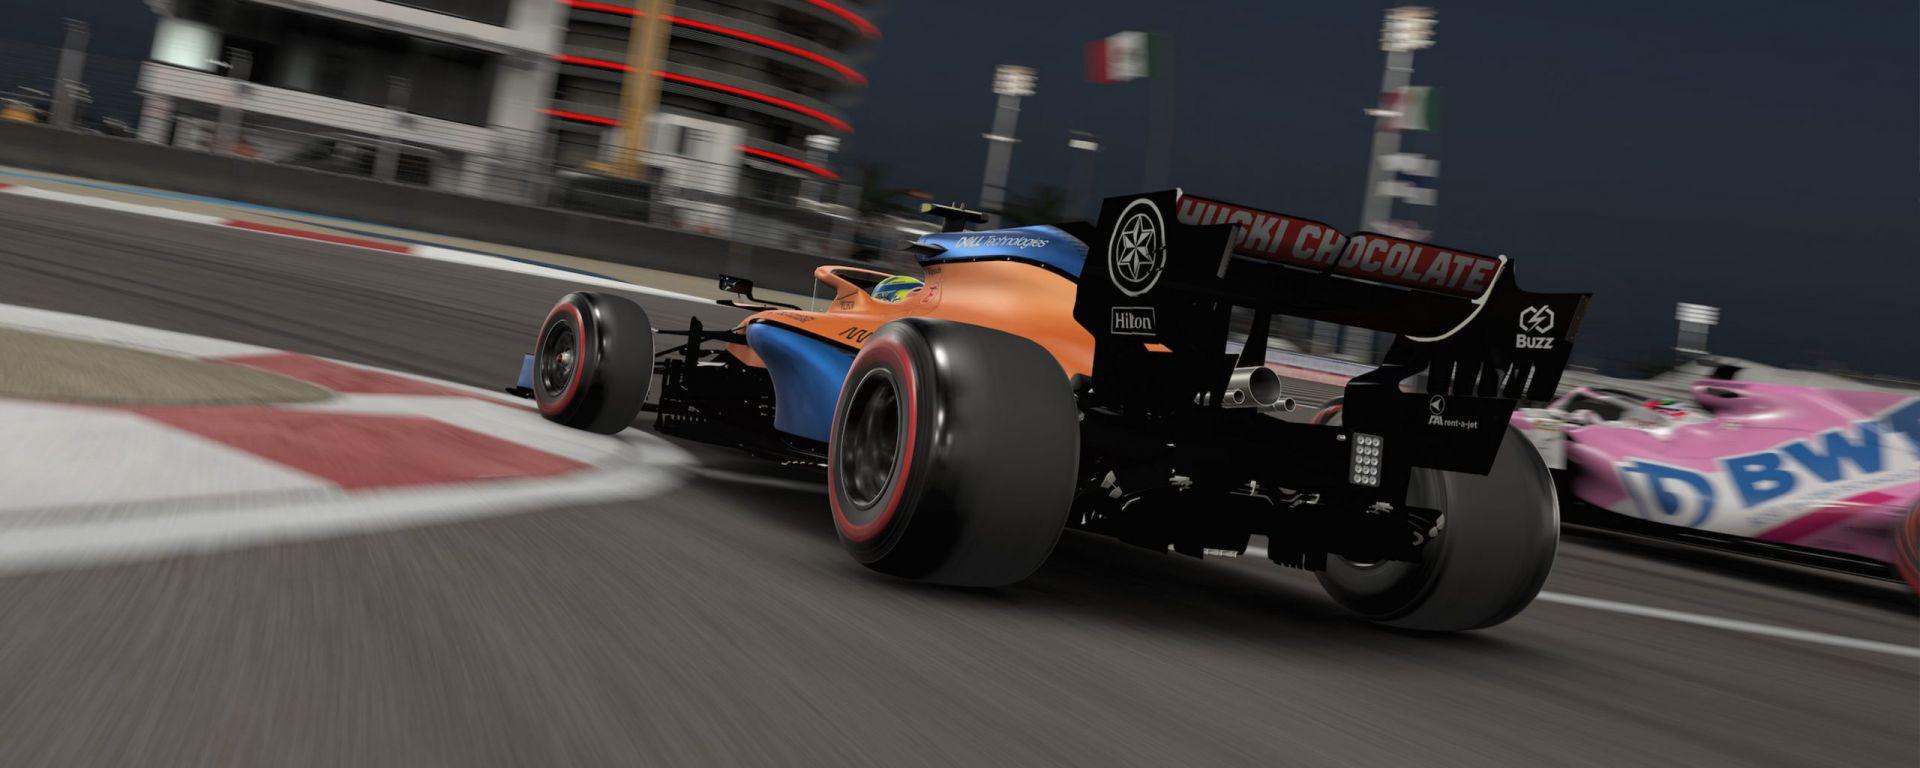 Codemasters F1 2020 è il gioco con il quale si disputa la stagione 2020 della F1 Esports Pro Series